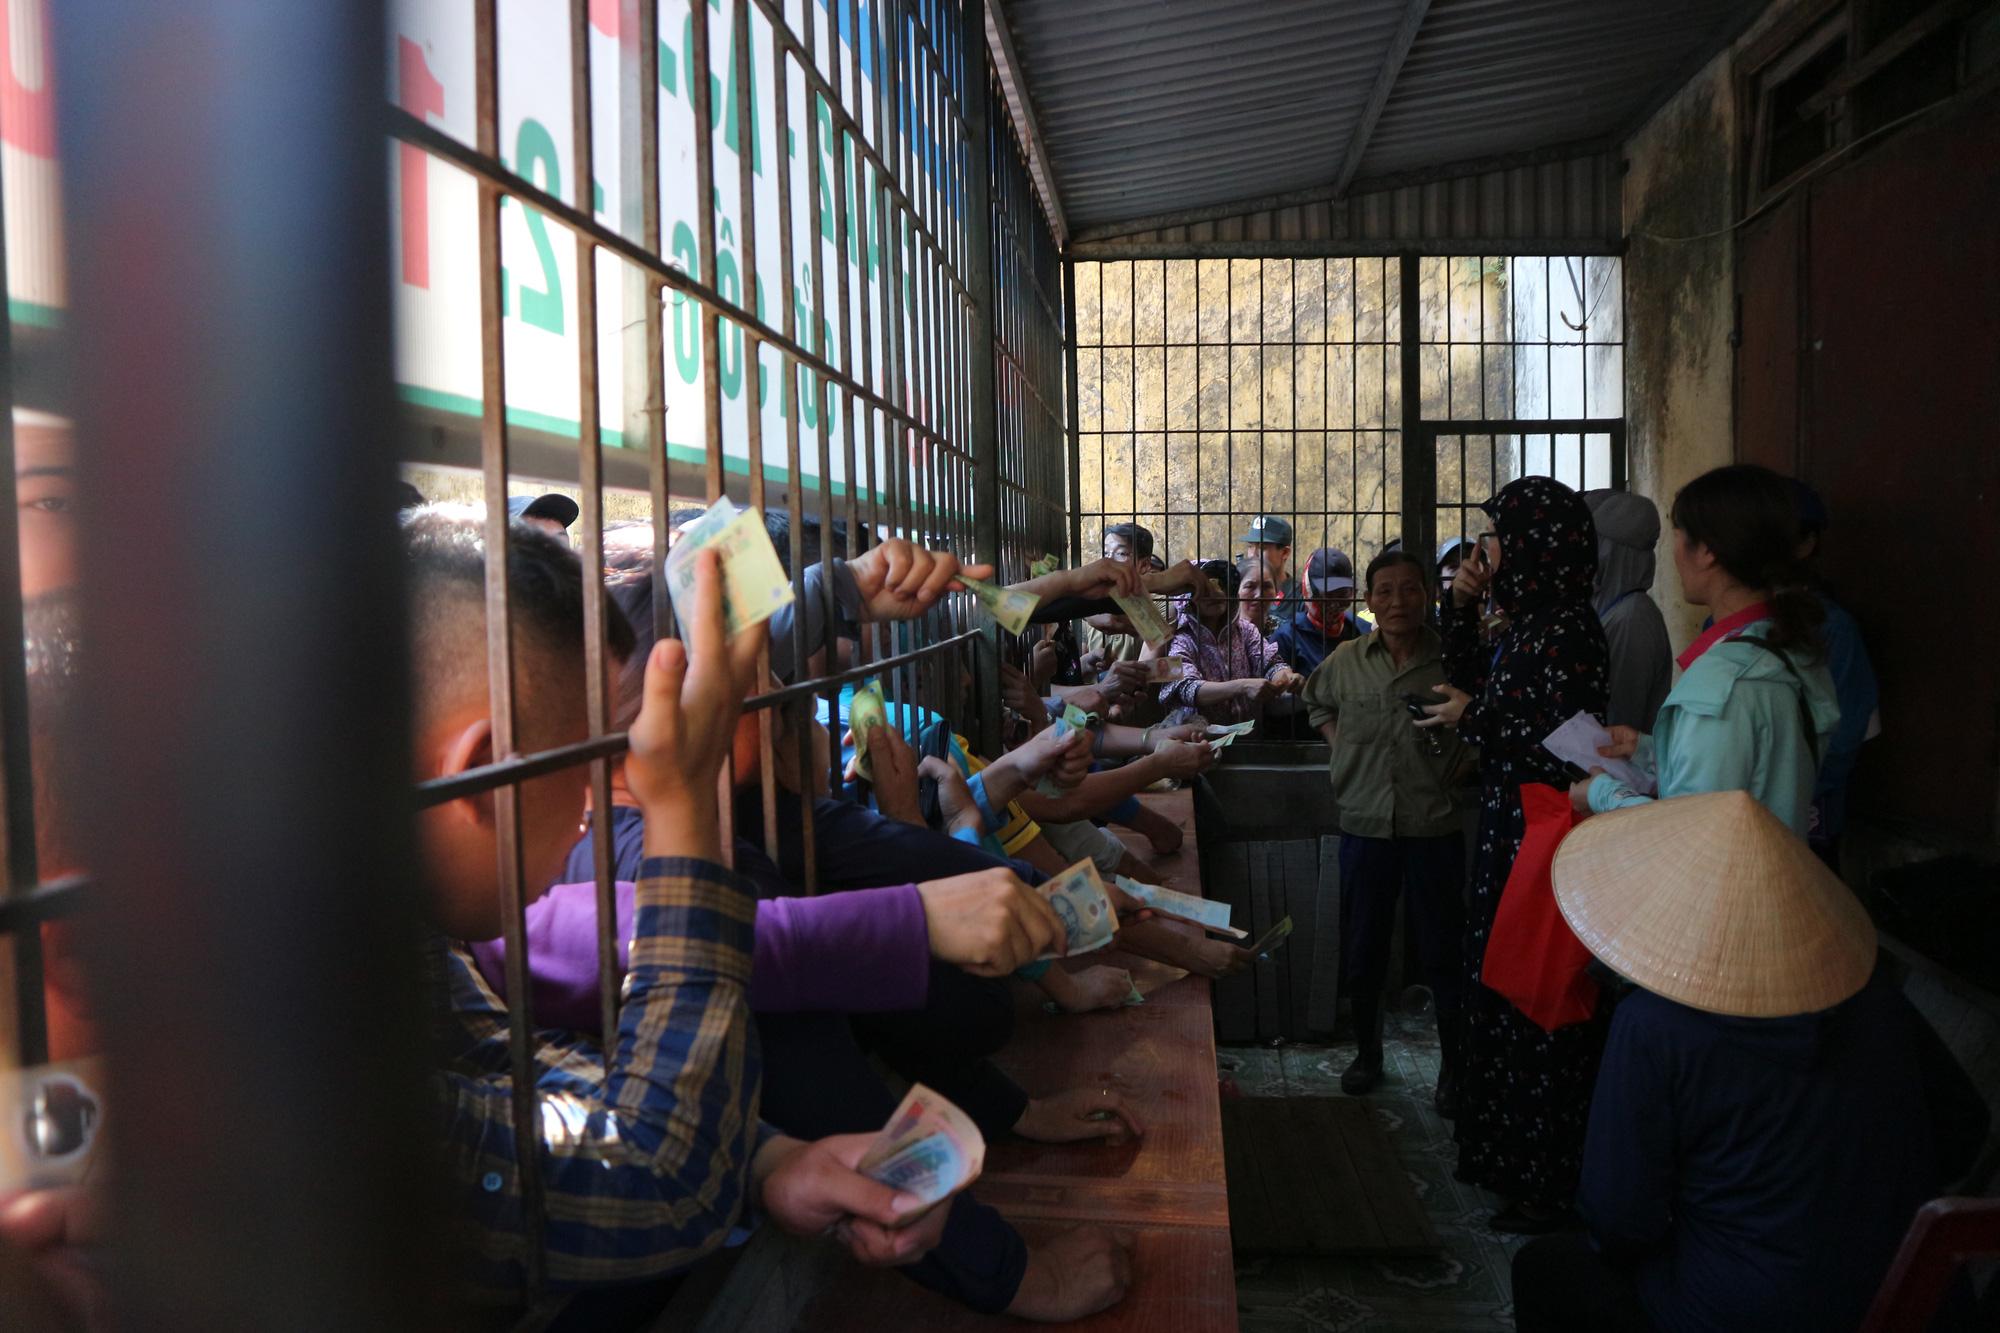 Hàng ngàn cổ động viên xứ Nghệ chen chân mua vé vào sân Vinh - Ảnh 7.